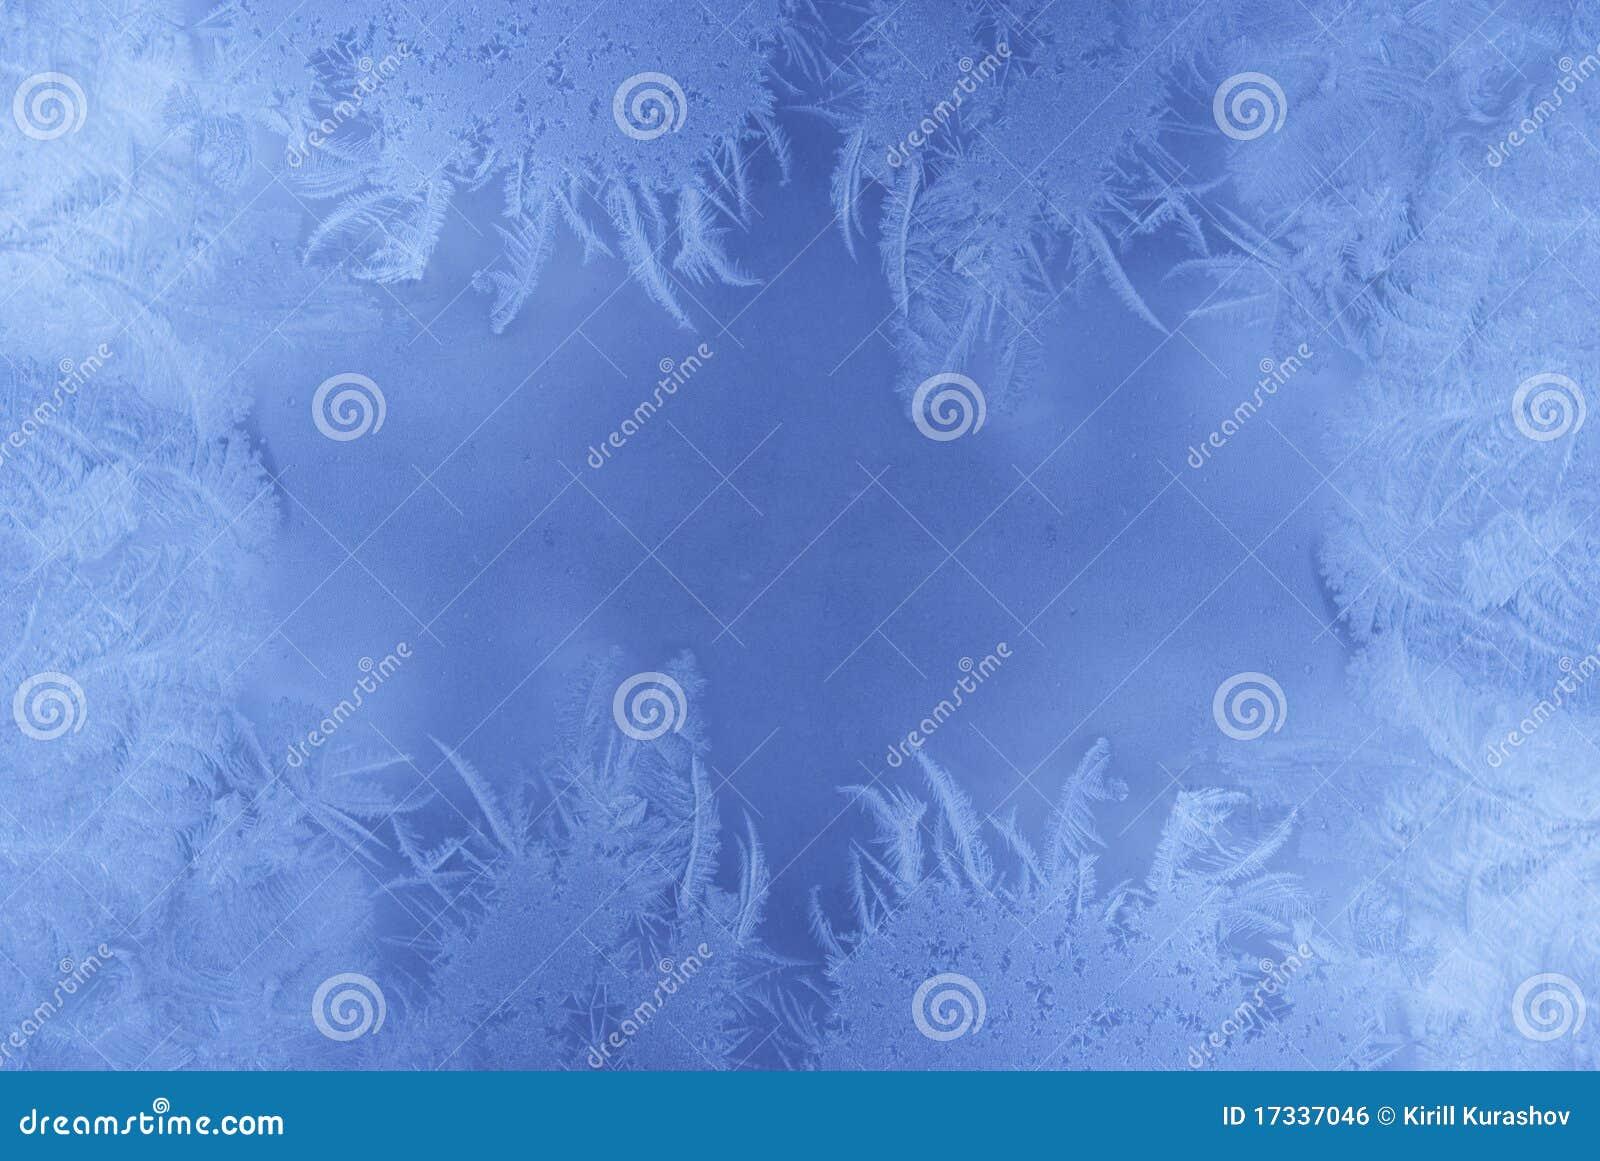 Frostmuster auf einem Fensterglas